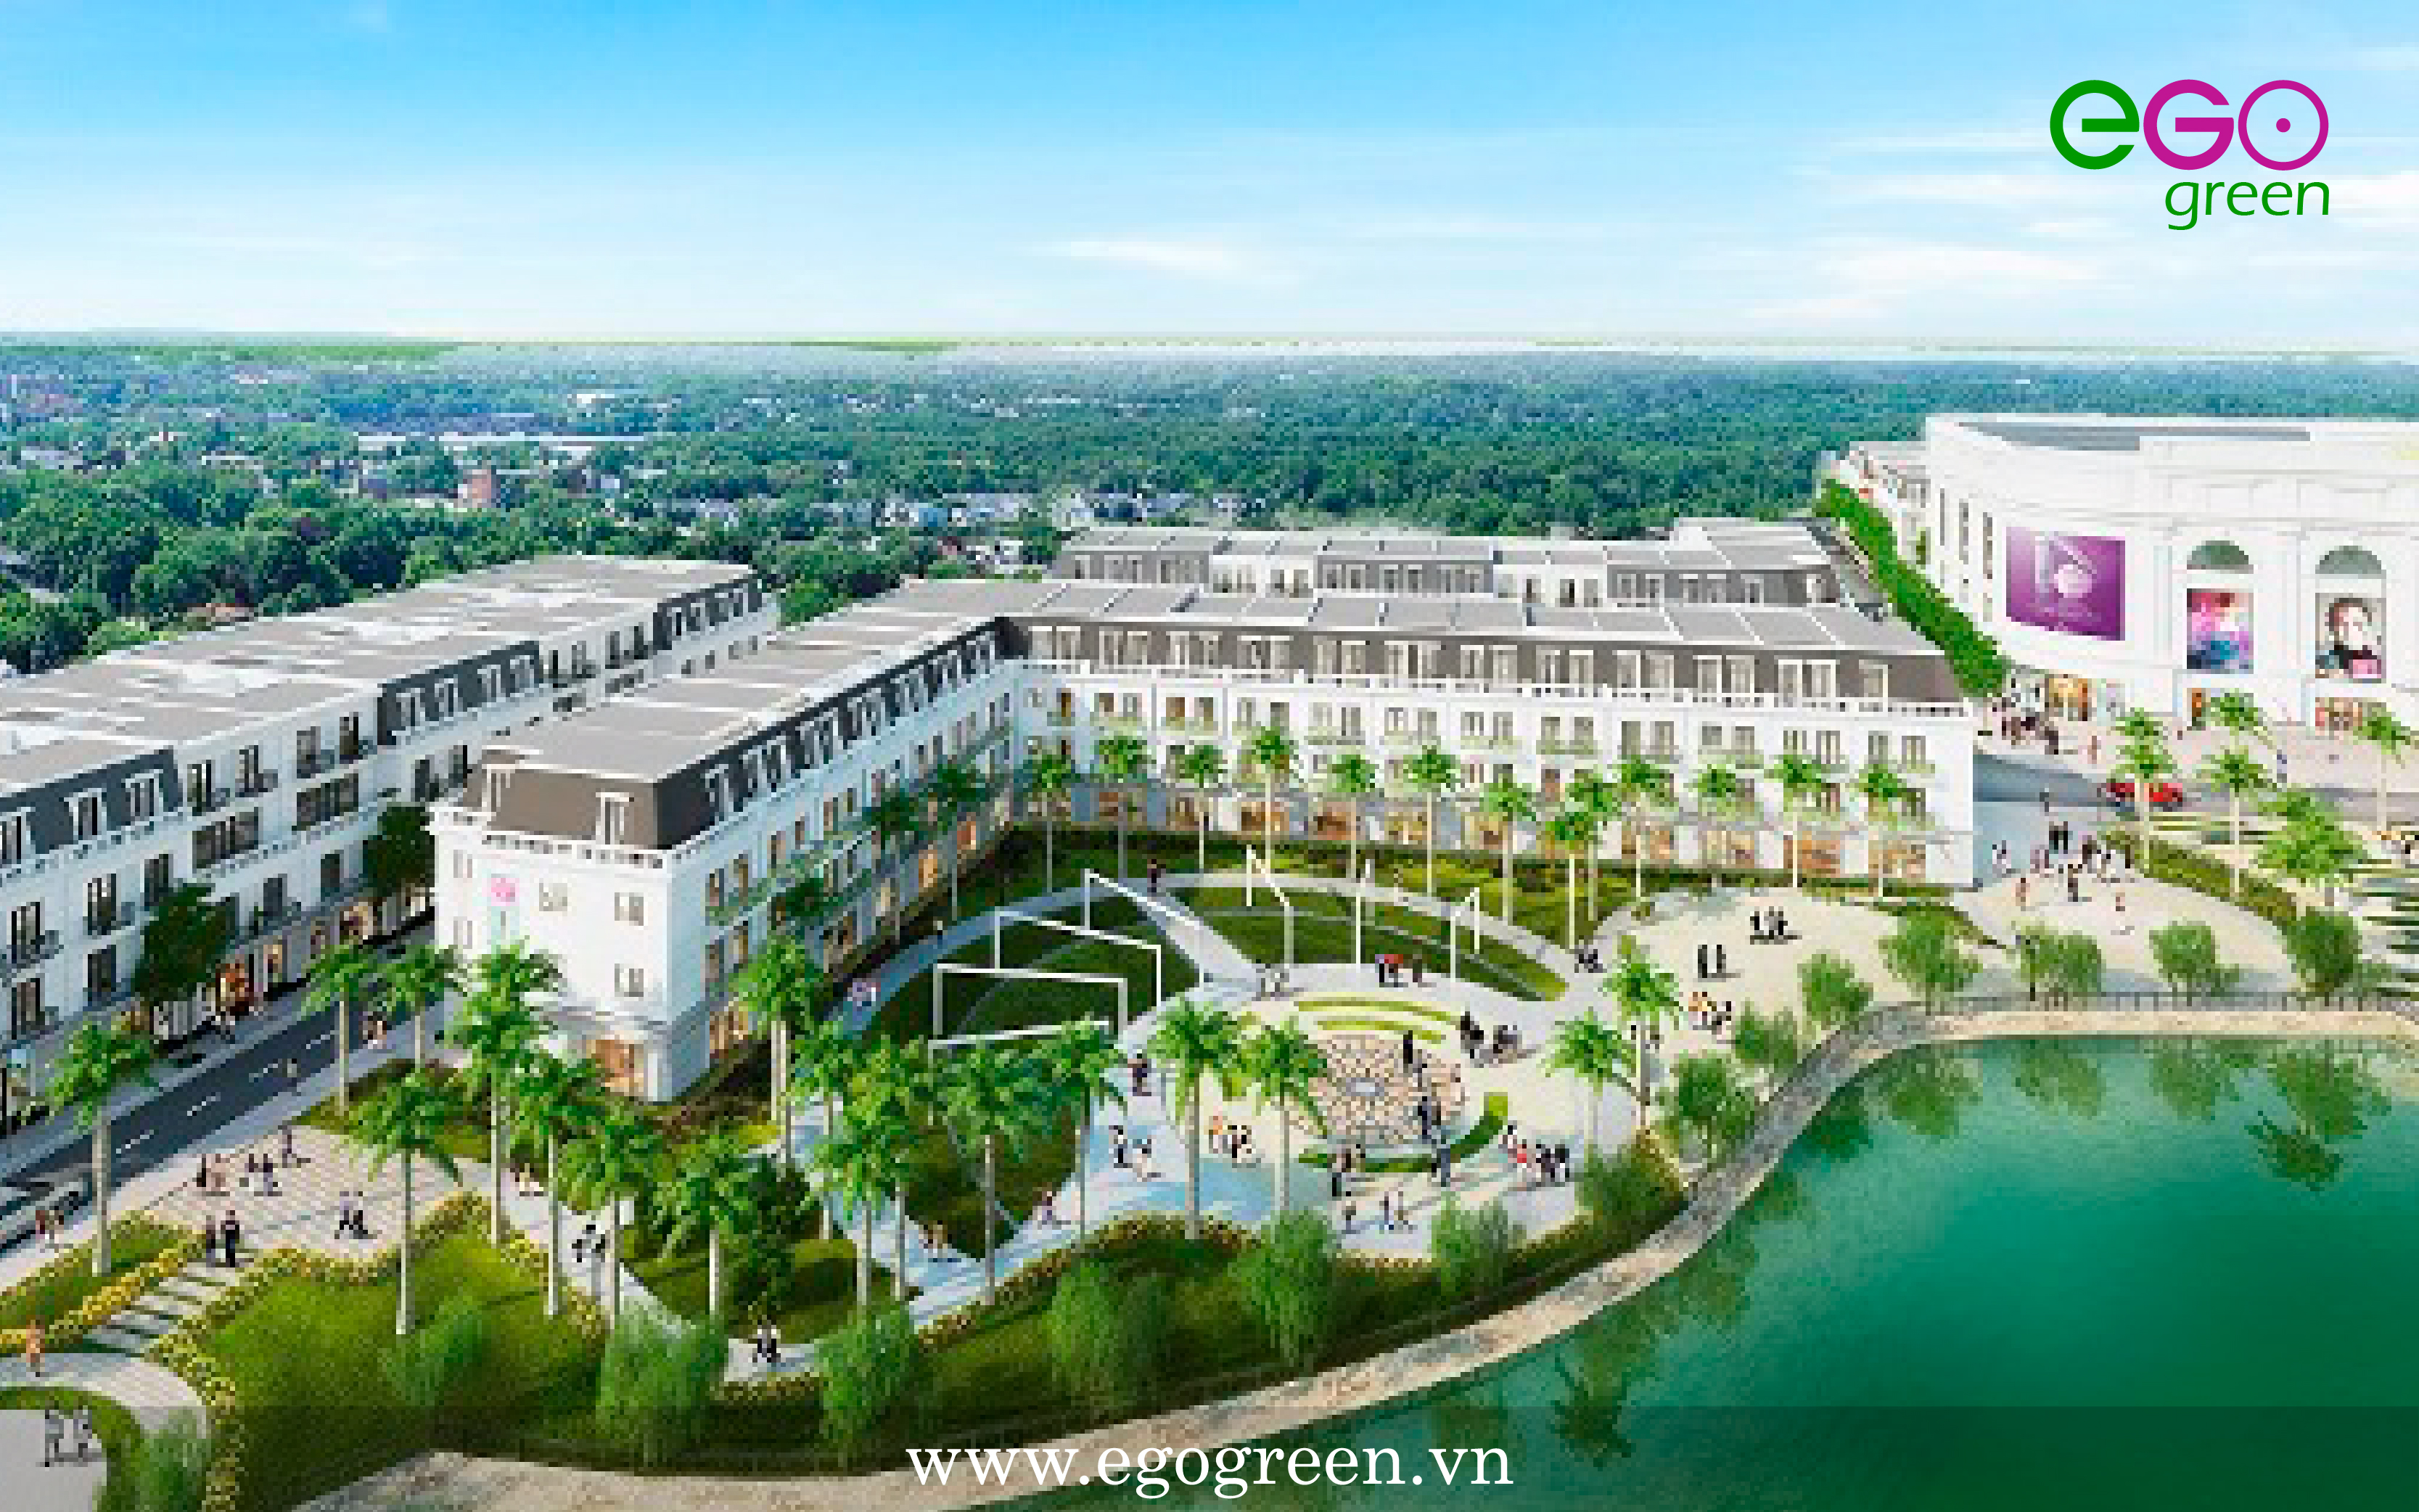 thiết kế cảnh quan công trình kiến trúc xanh vincom Yên Bái